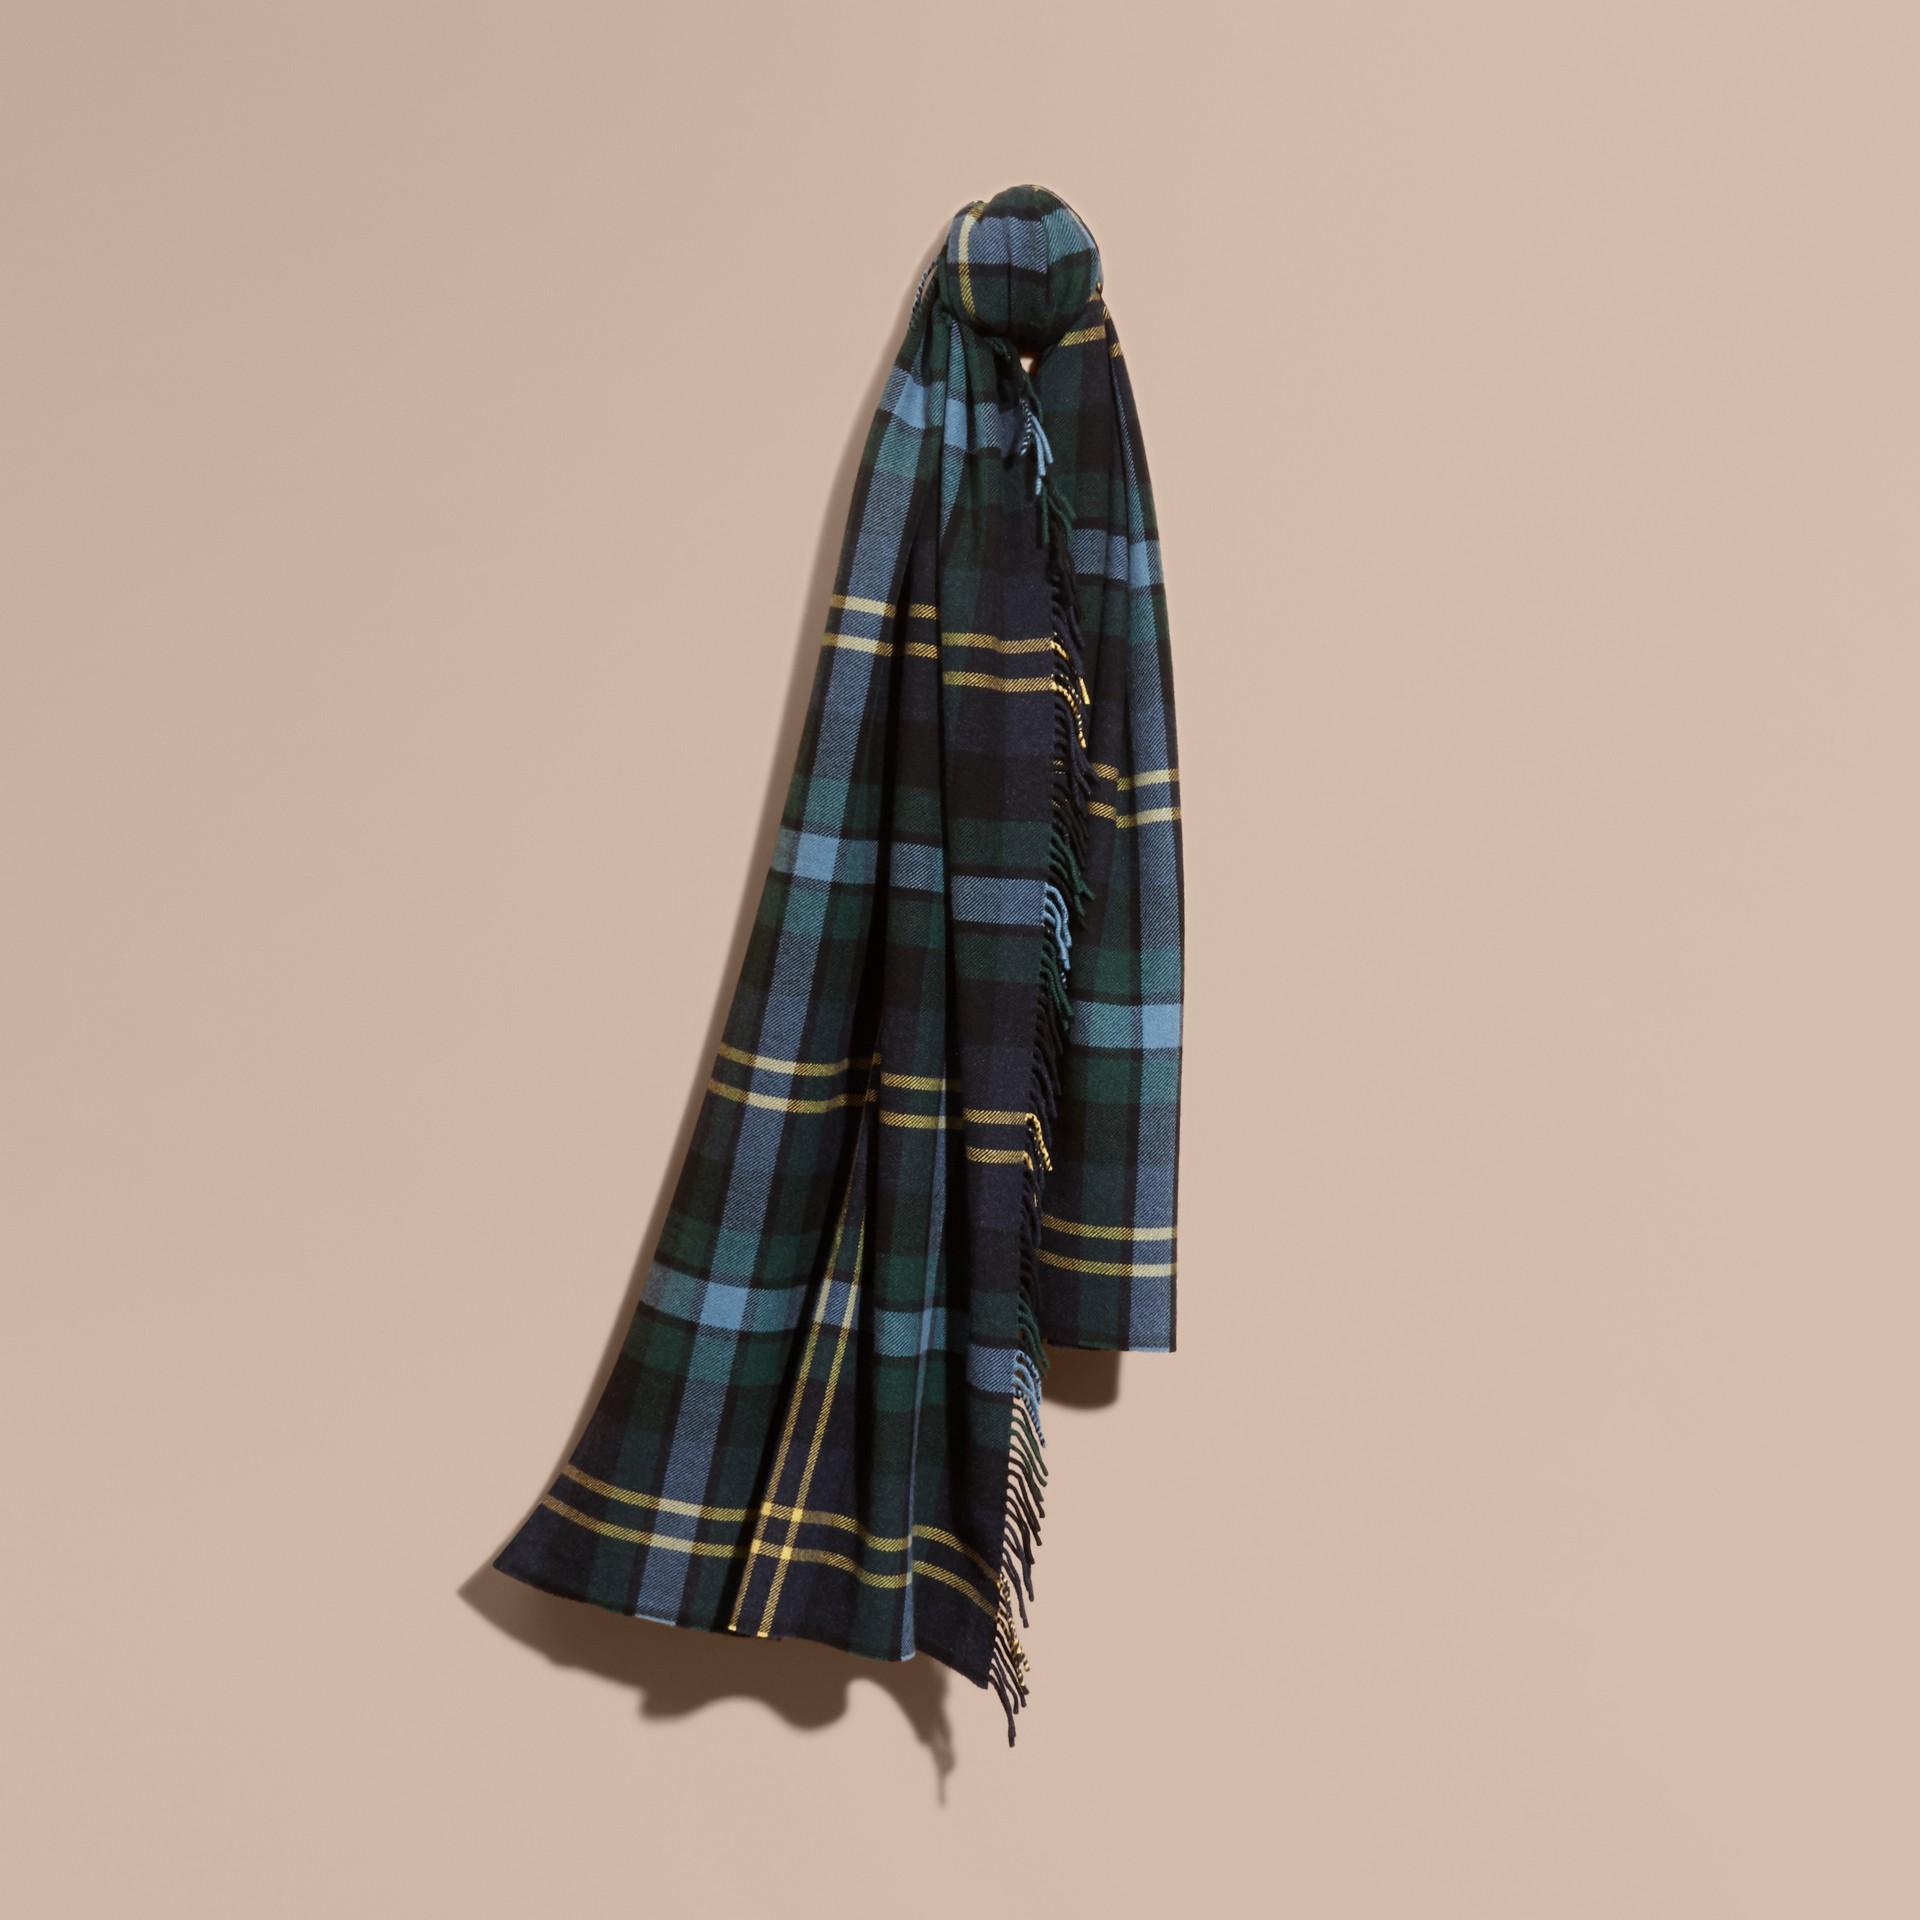 Inchiostro Sciarpa con frange in lana e cashmere con motivo tartan oversize Inchiostro - immagine della galleria 1